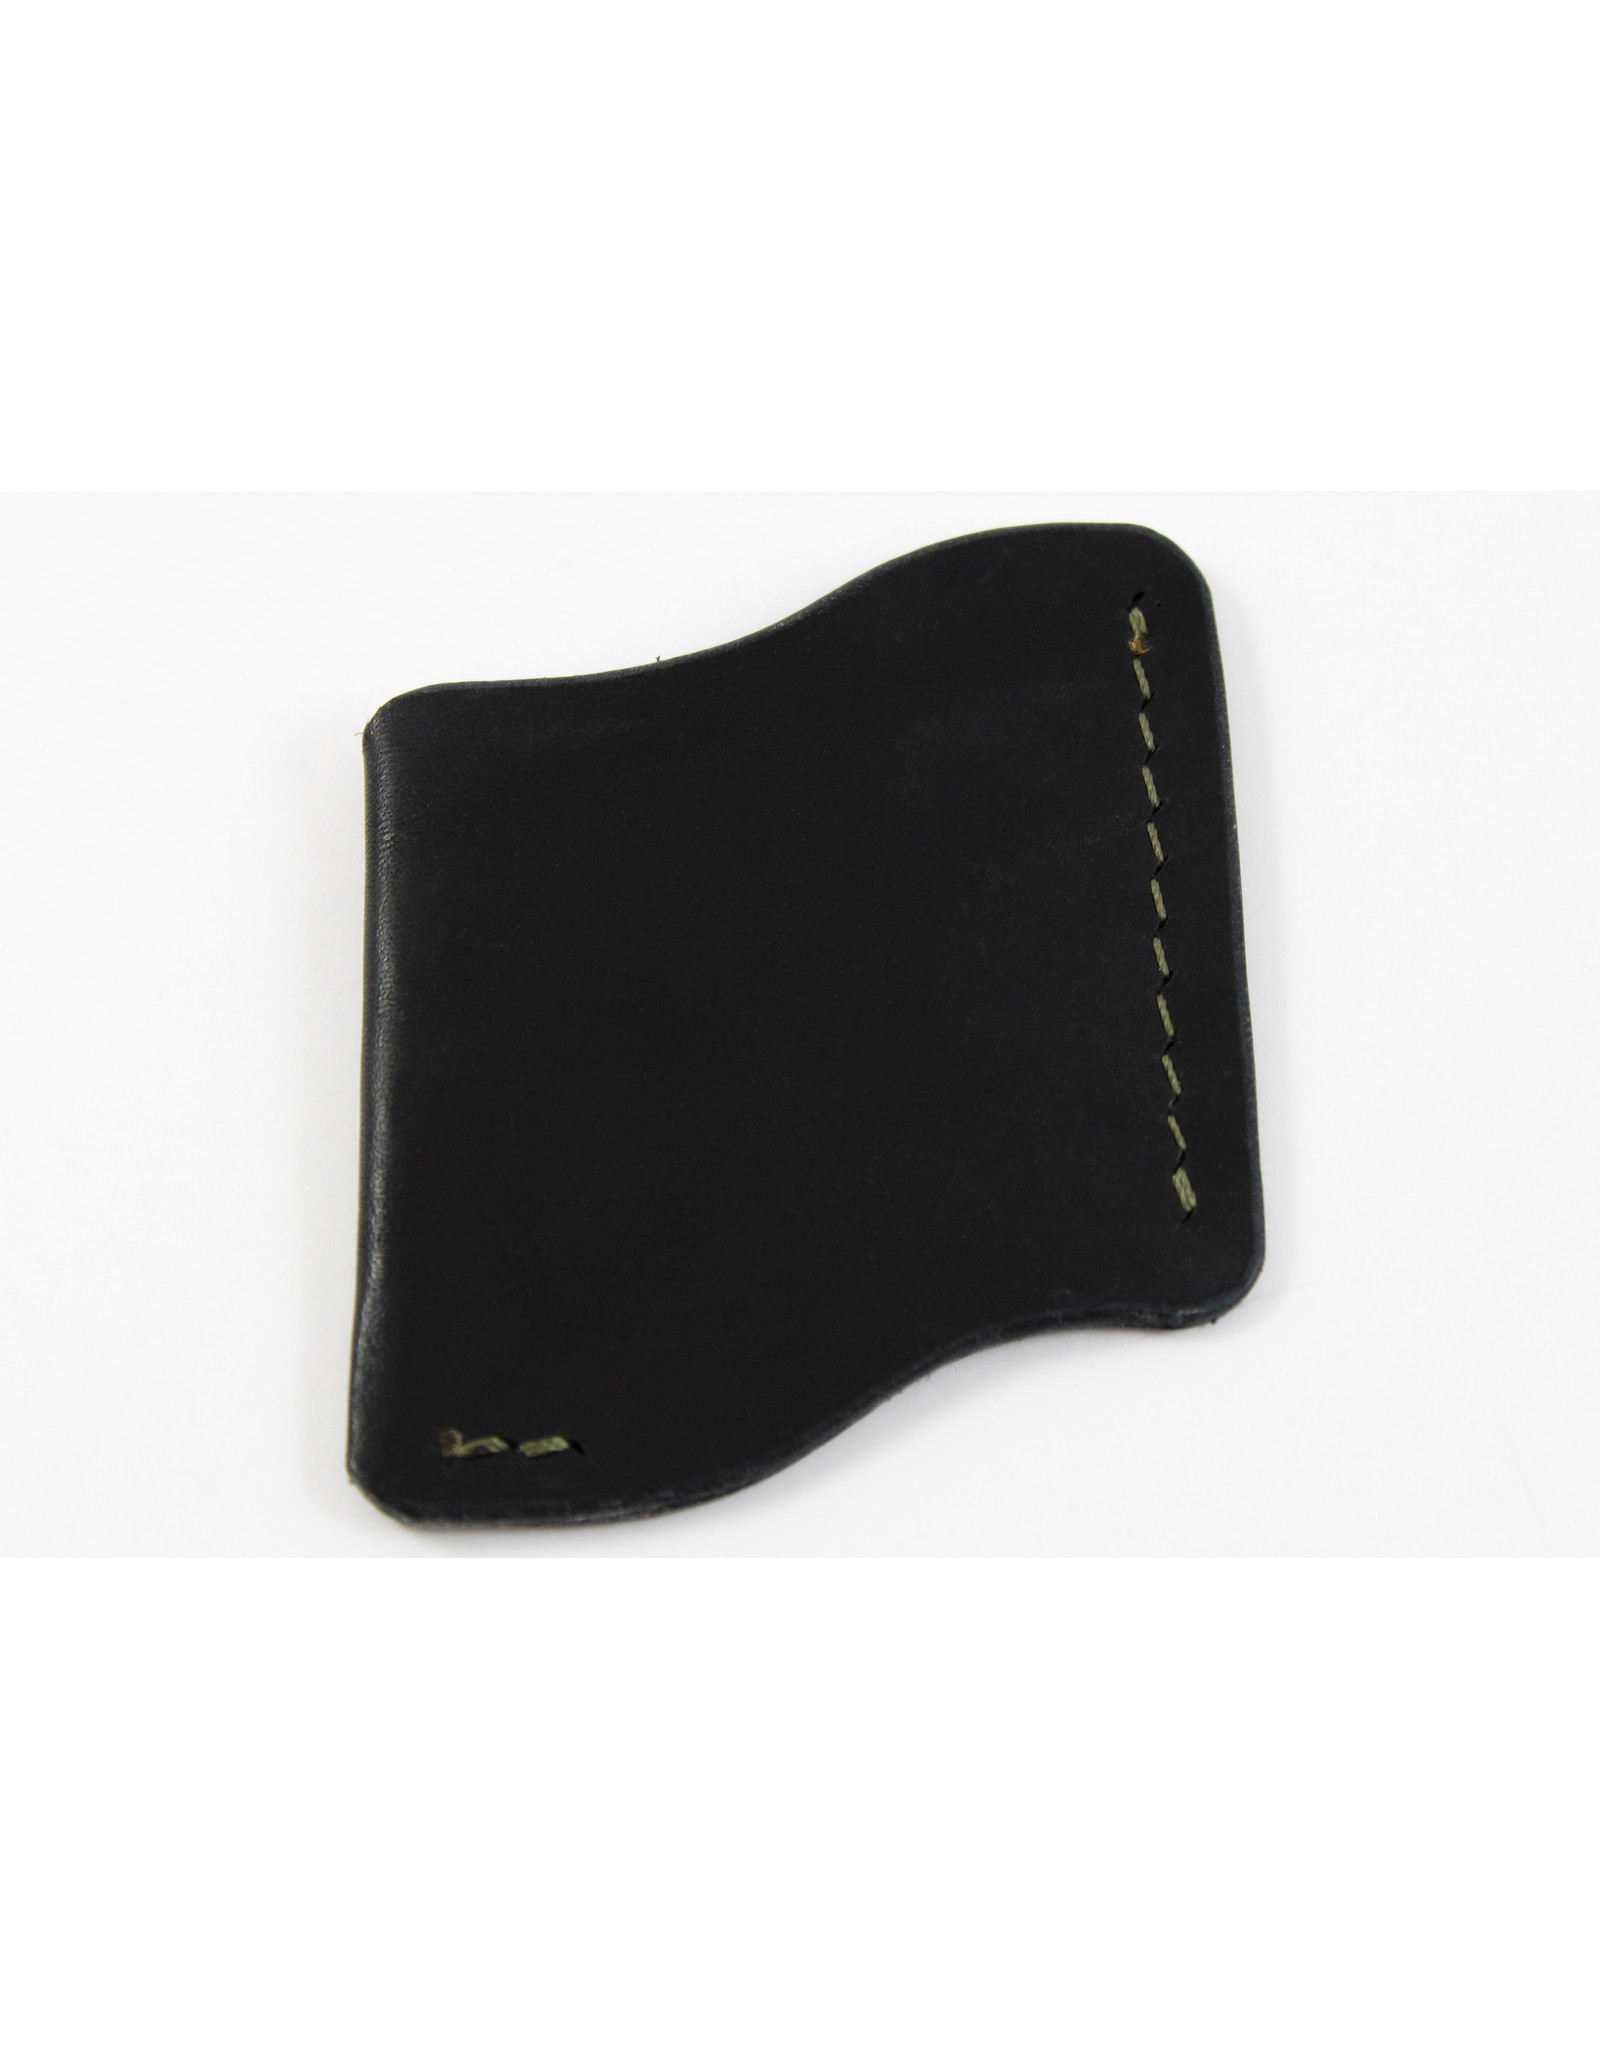 Kyle McPhee Oban Single Sleeve Wallet by Phee's Original Goods